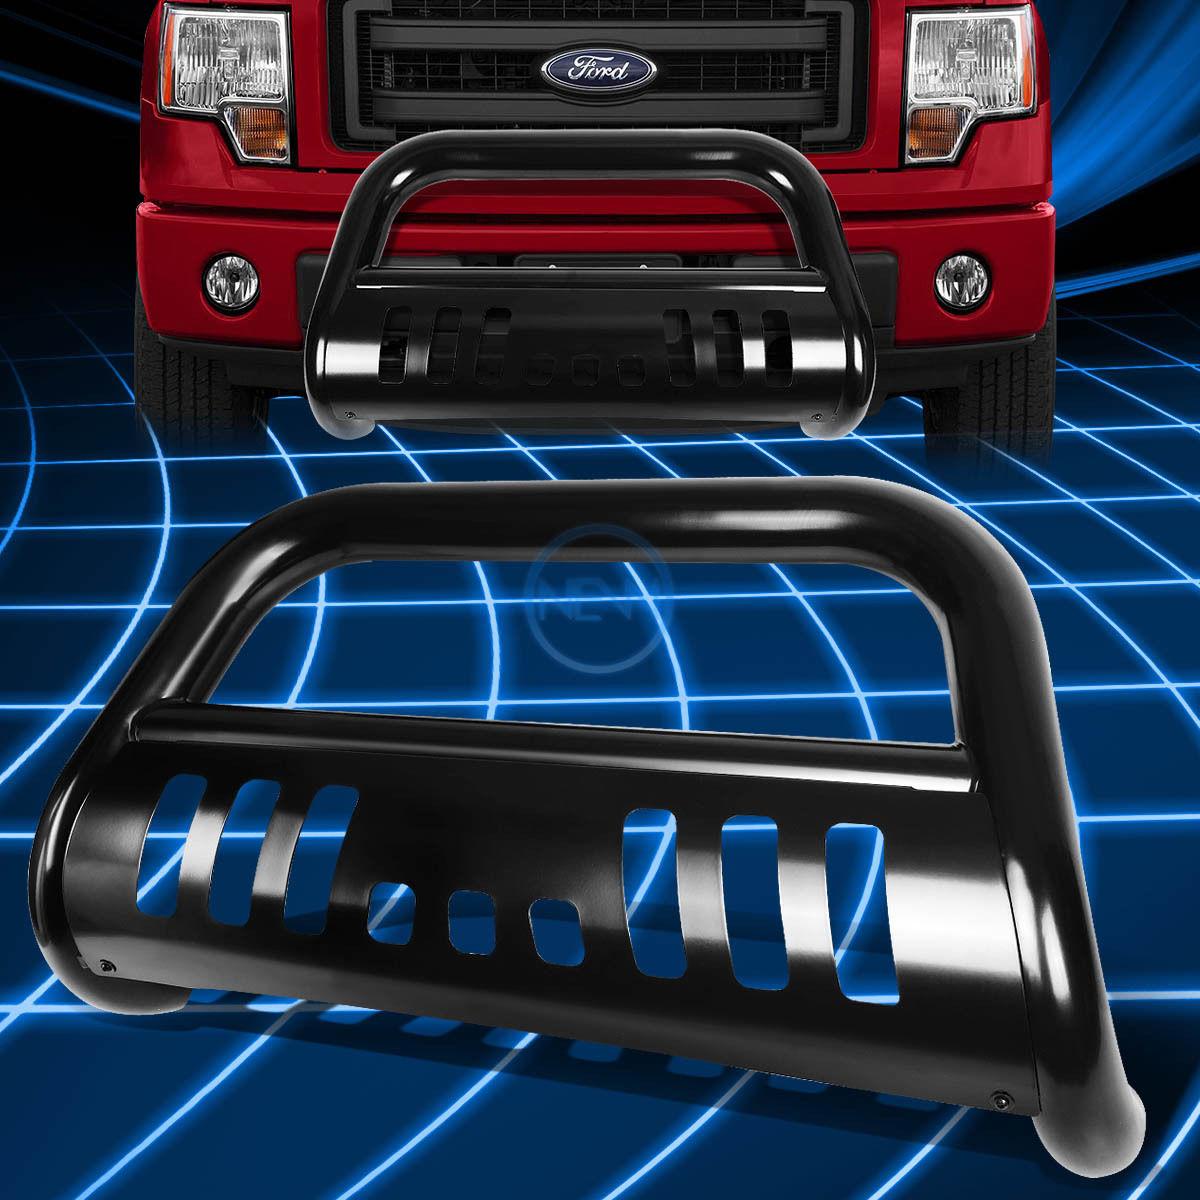 グリル ブラックSSフロントバンパーブルバーグリルガード(2011-2016年)F250-F550スーパーデューティ Black SS Front Bumper Bull Bar Grille Guard for 2011-2016 F250-F550 Superduty